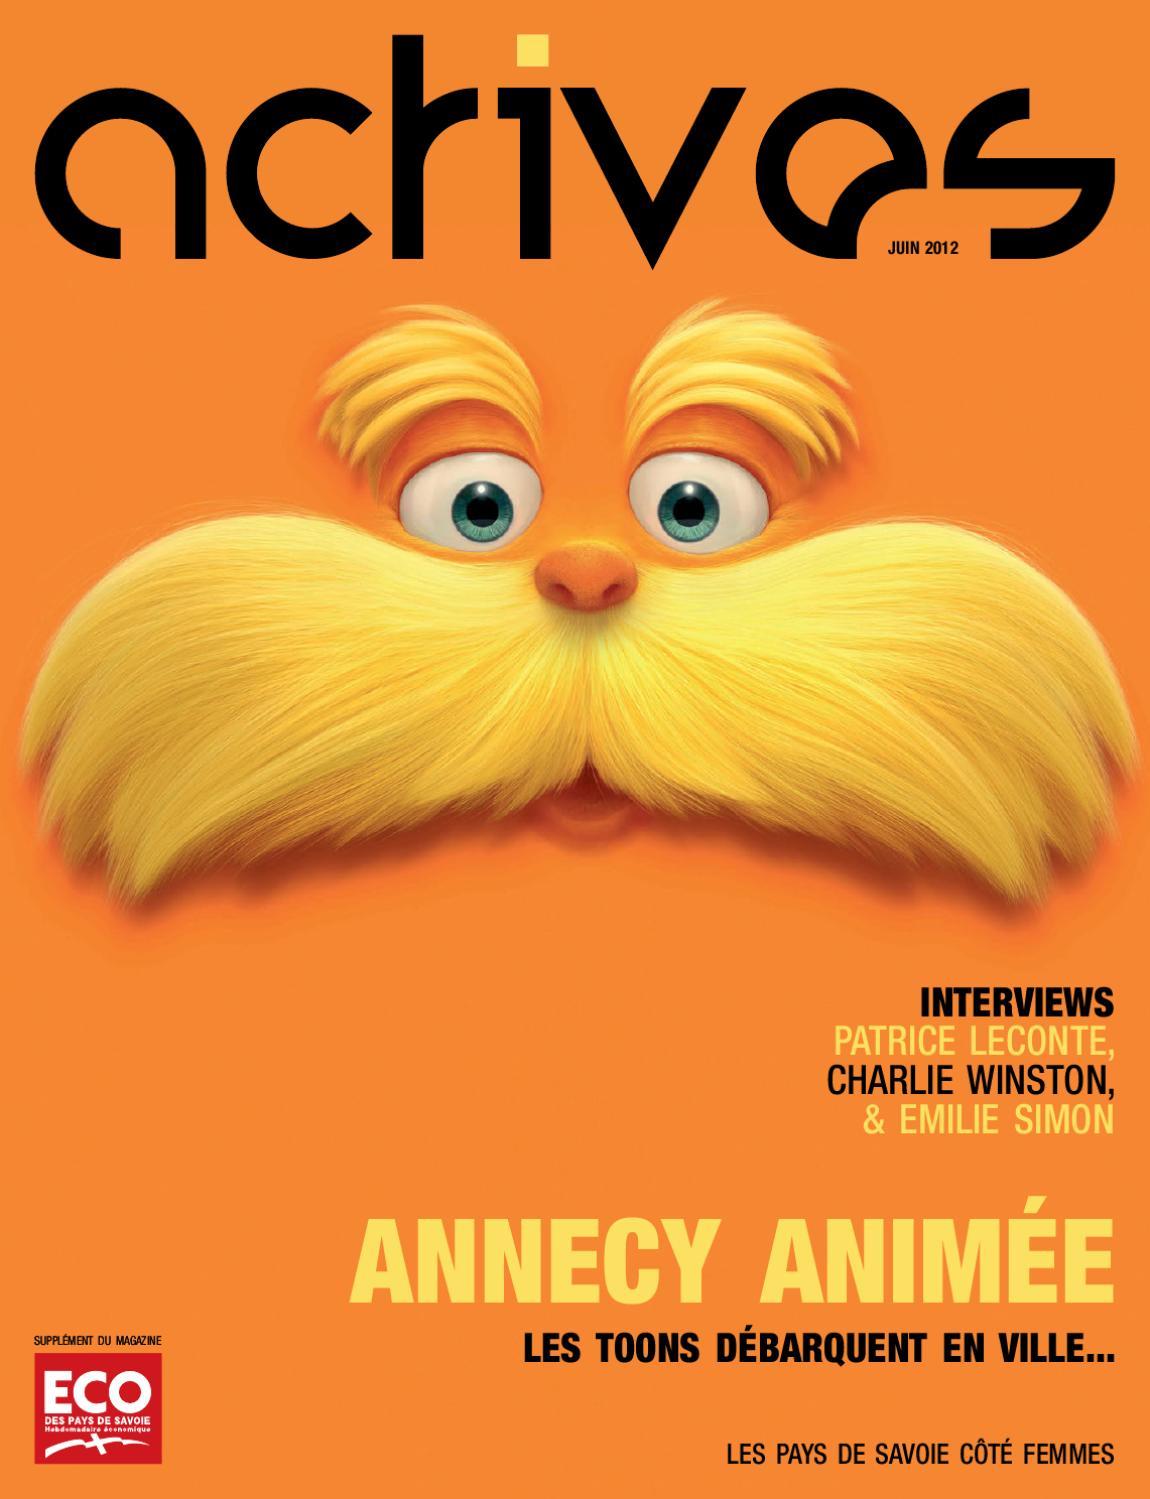 Actives magazine - Juin 2012 by Sopreda 2 - issuu edf9b0d30939